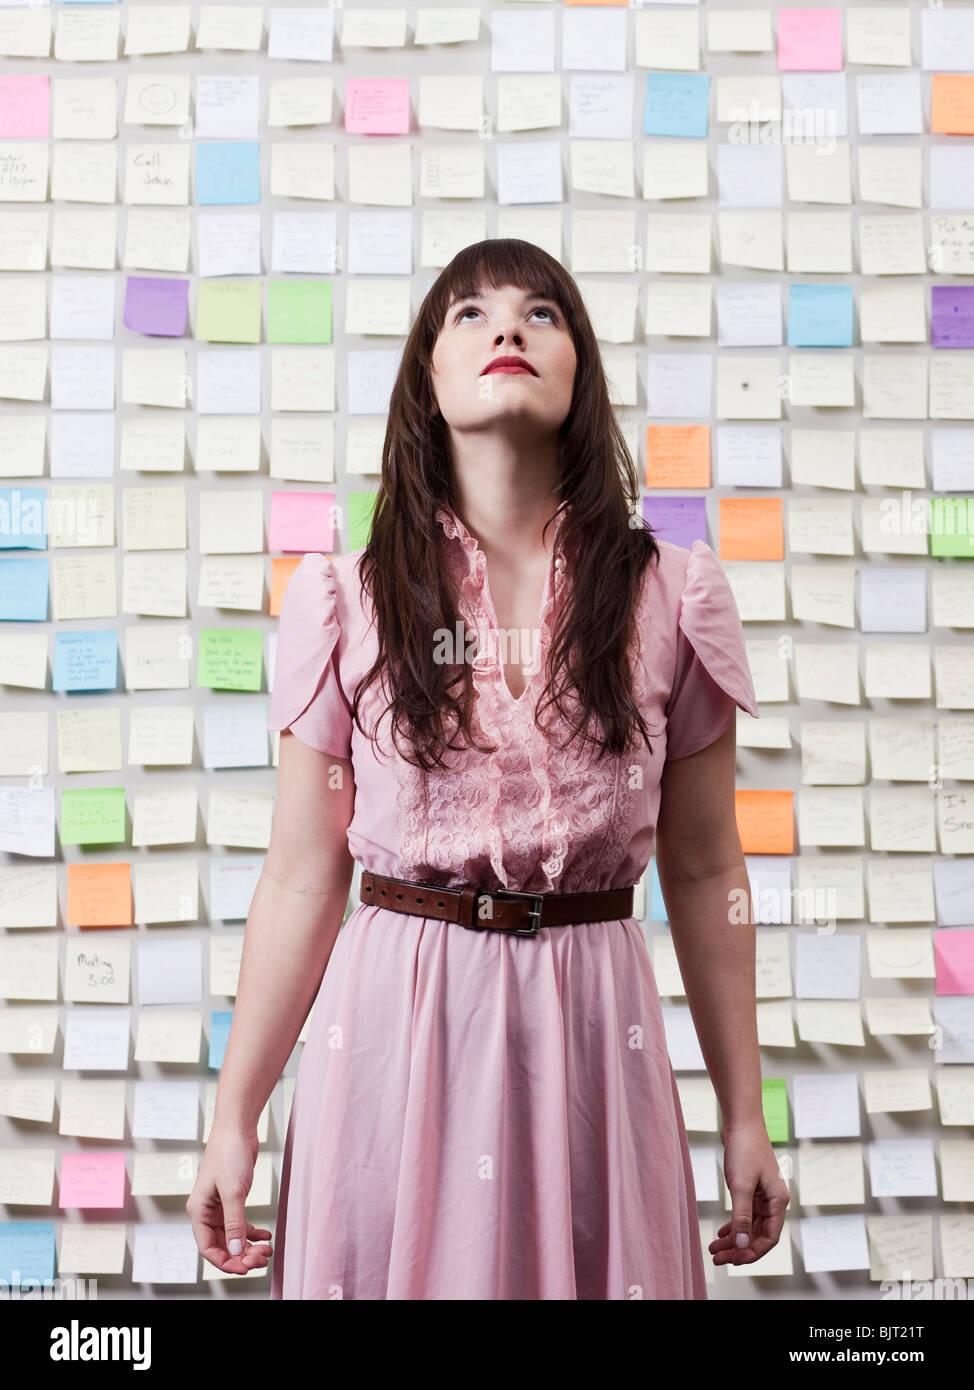 Ritratto di donna in camera con pareti coperte con note adesive Immagini Stock